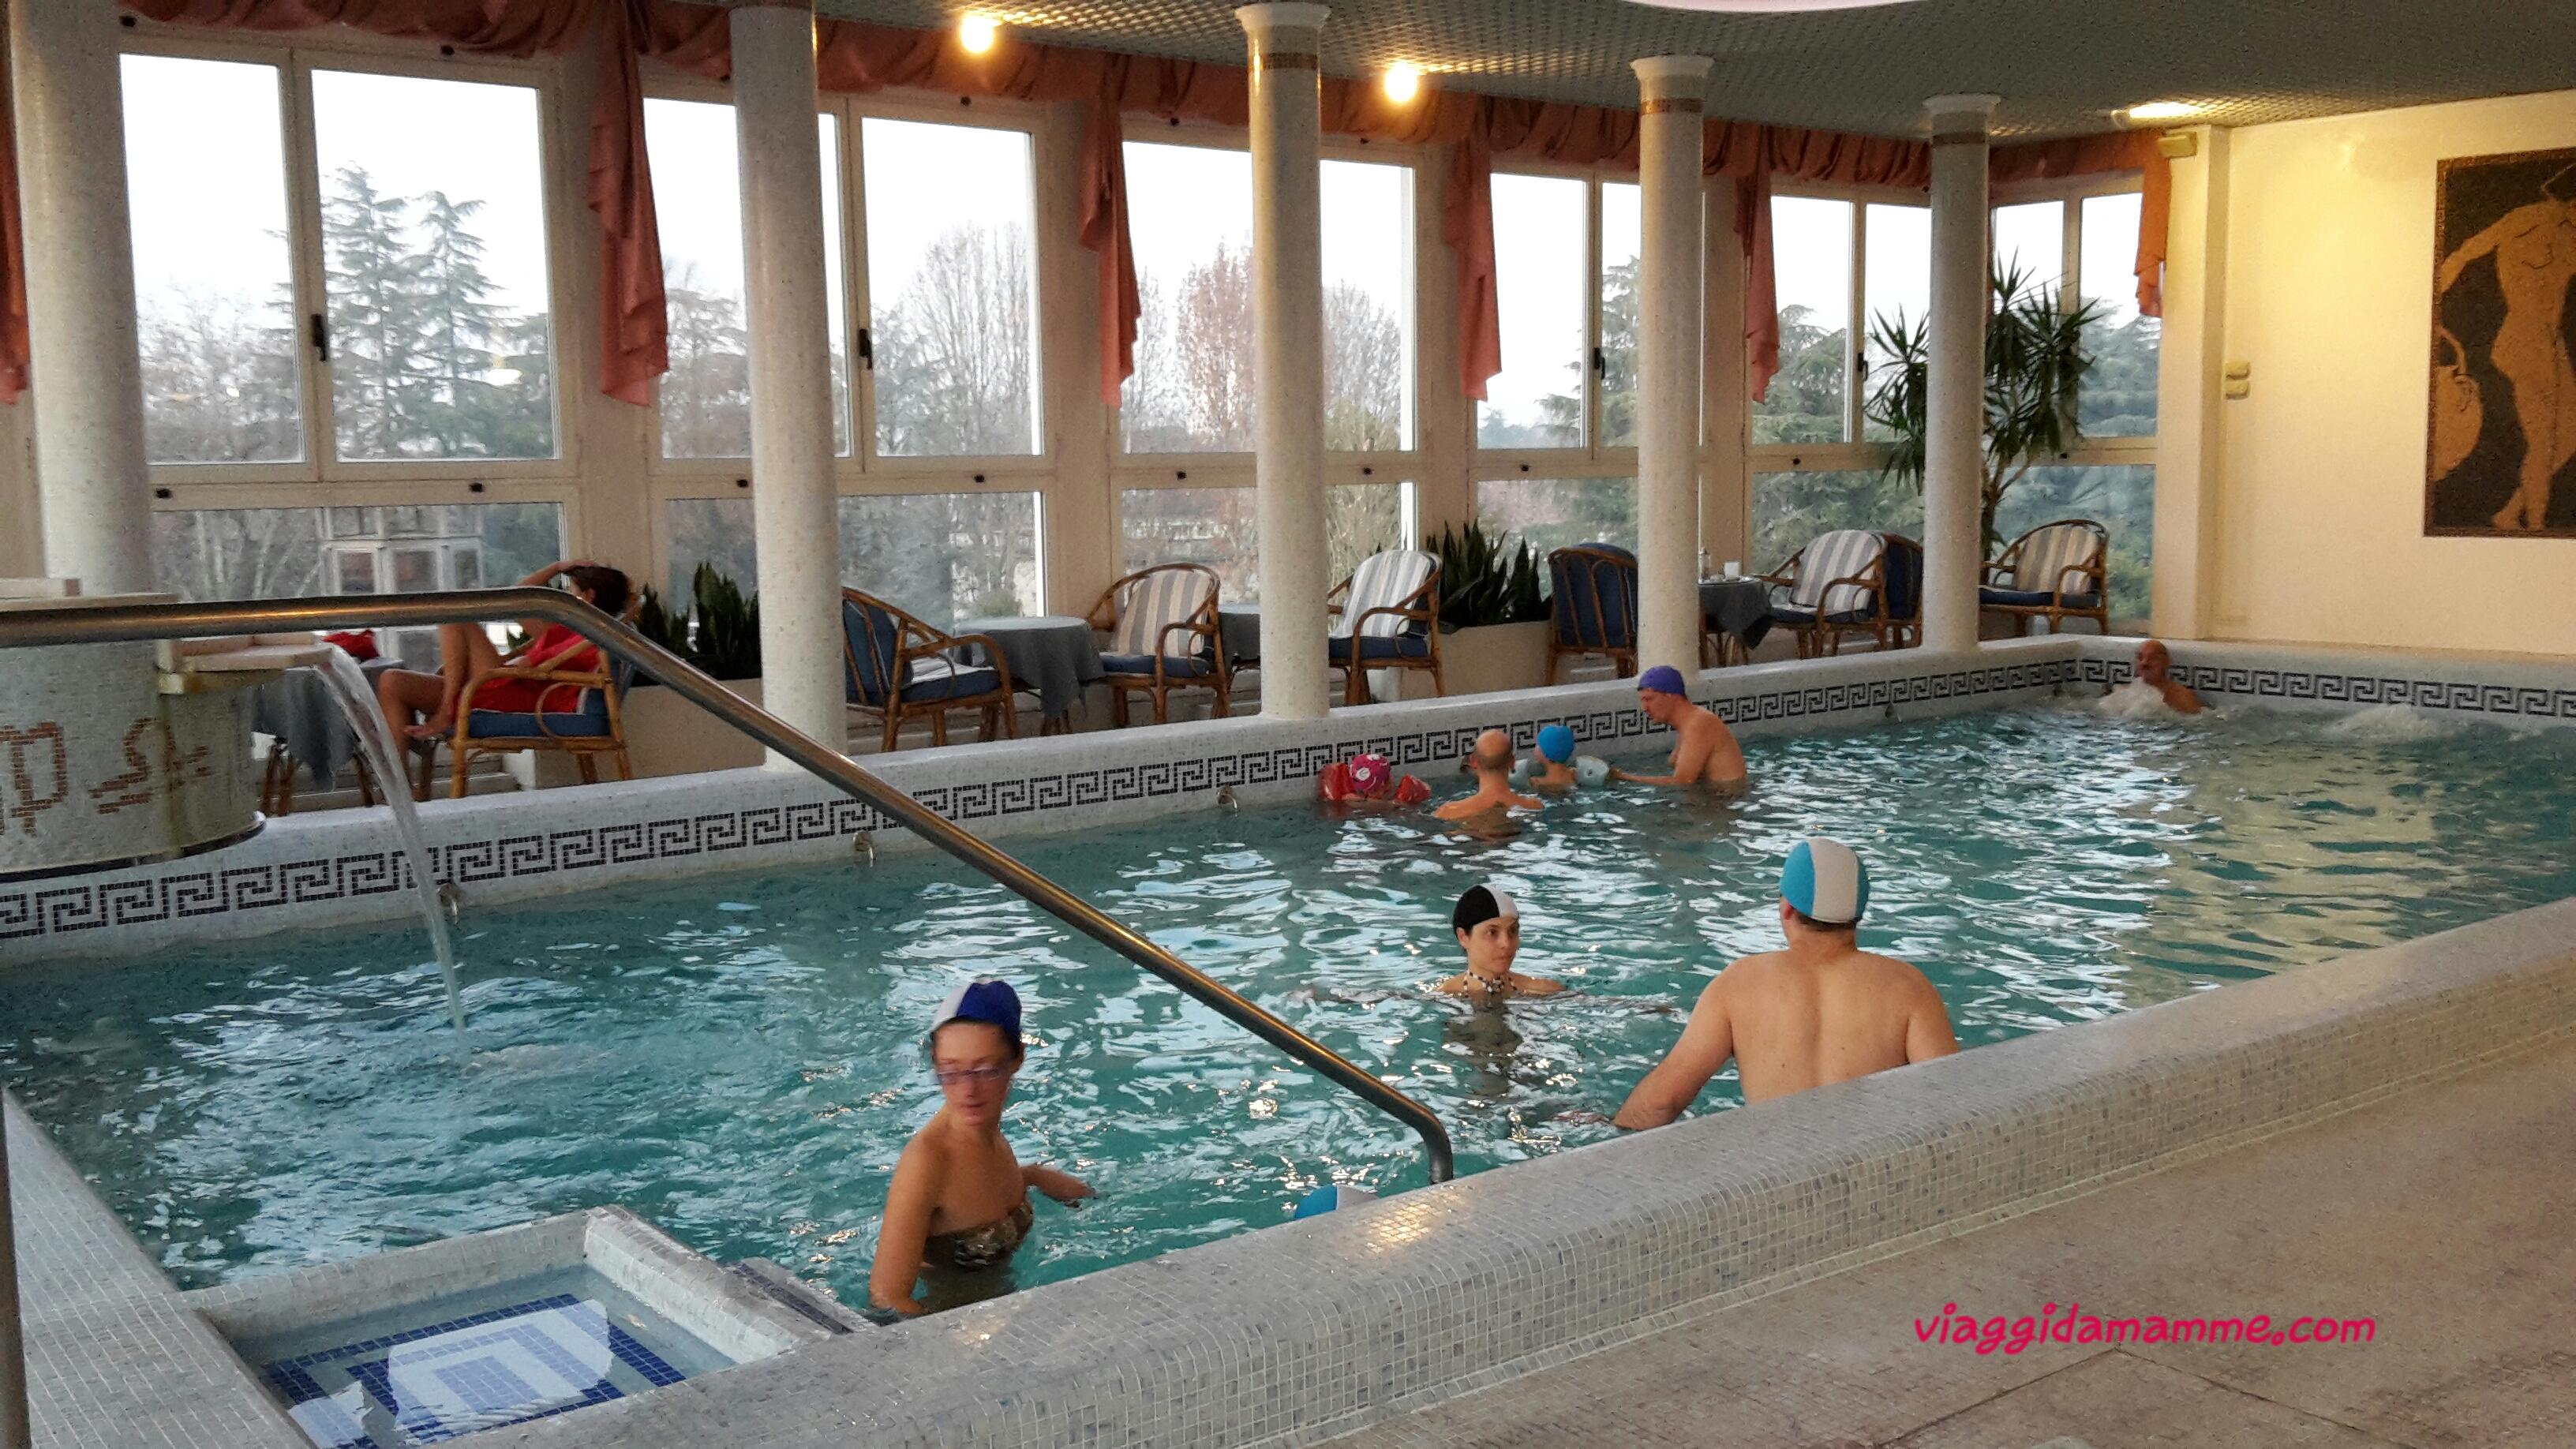 Terme euganee abano e montegrotto terme con bambini viaggi da mamme - Montegrotto terme piscina ...